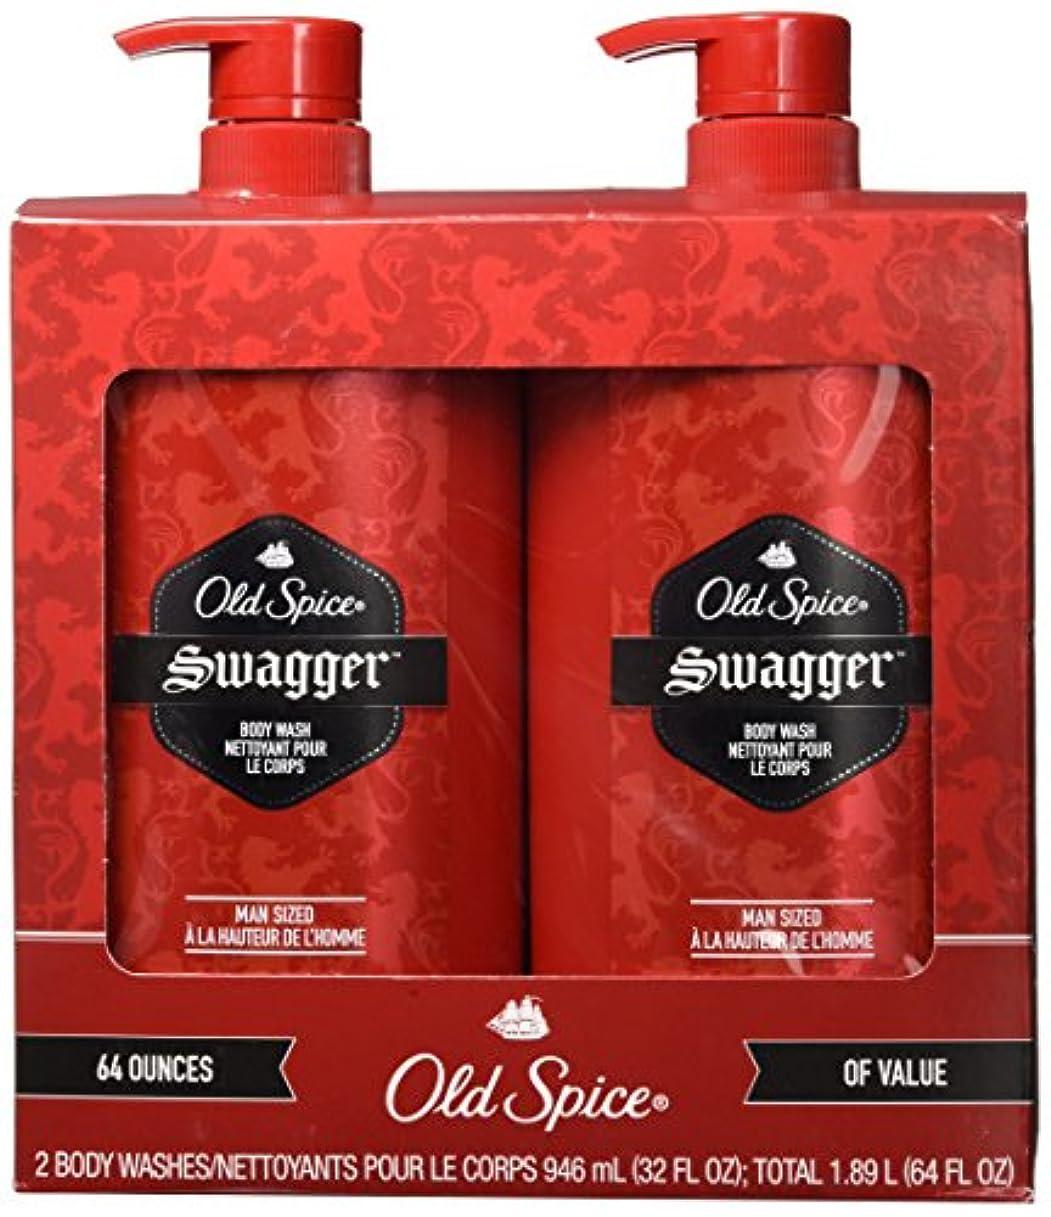 ロボットオーバーコートボトルLOT OF 2 Old Spice Swagger Body Wash 64 Ounces Total Man Sized Shower Bath NEW by Old Spice